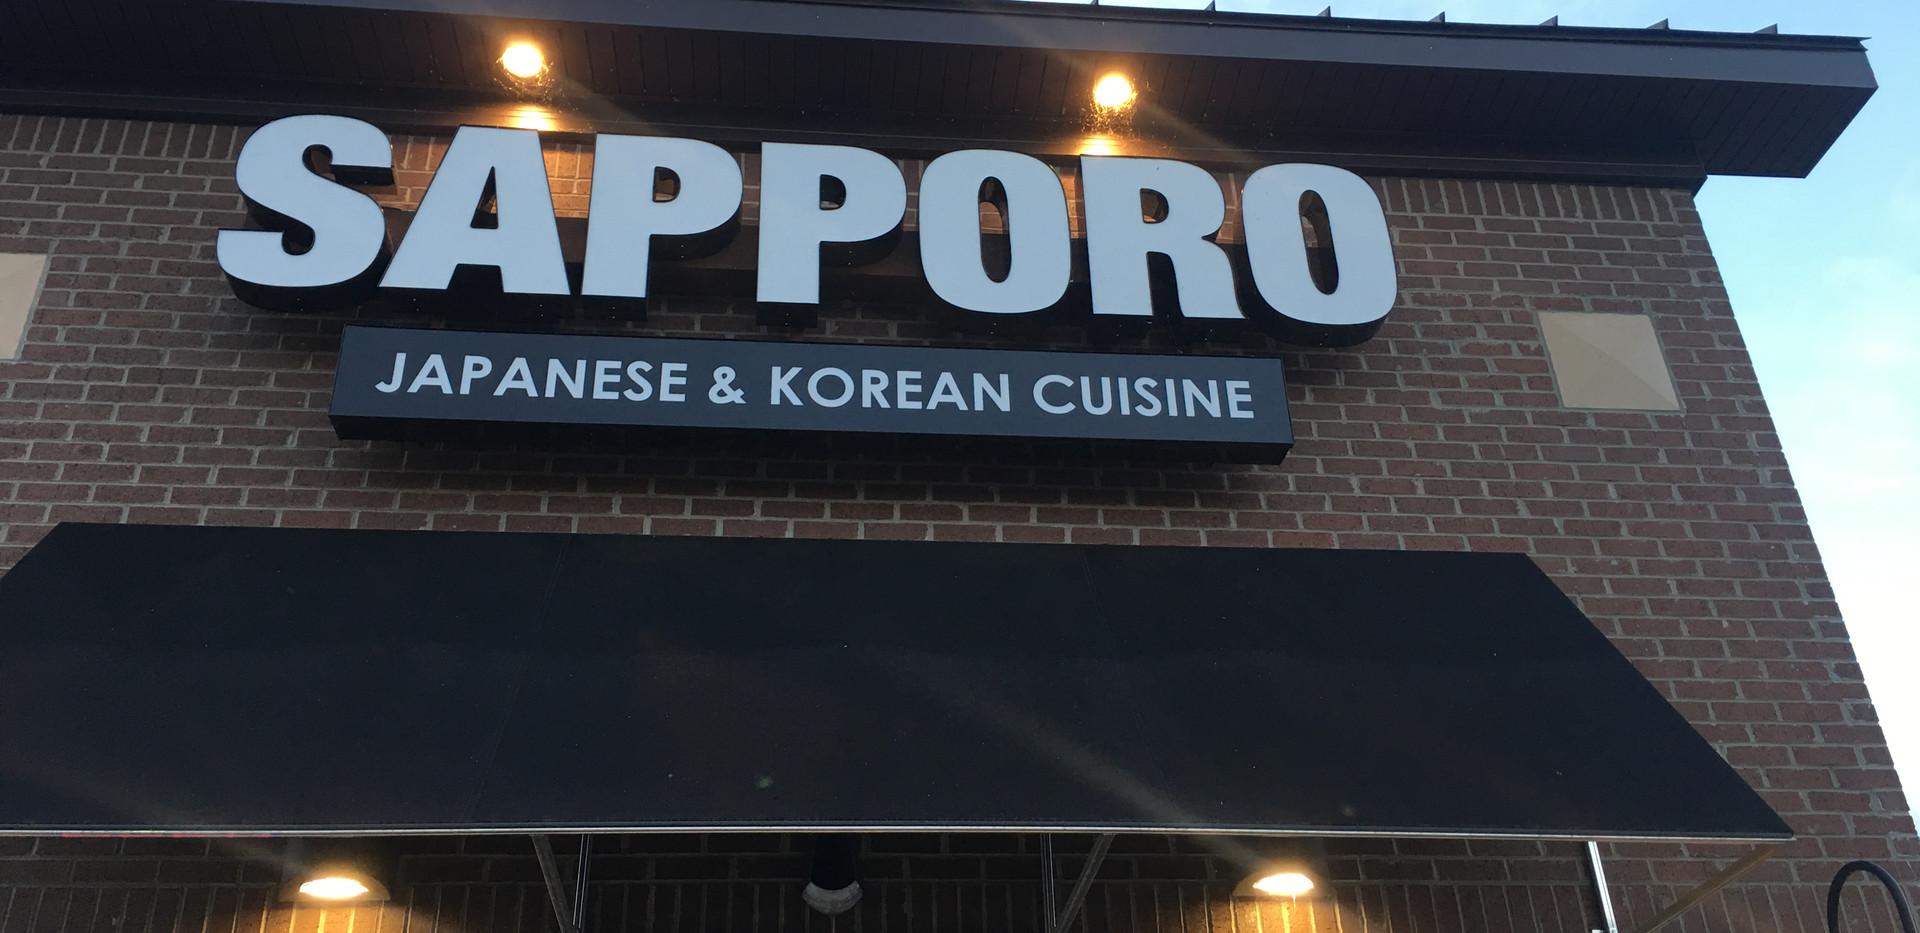 SAPPORO Japanese & Koream Cuisine